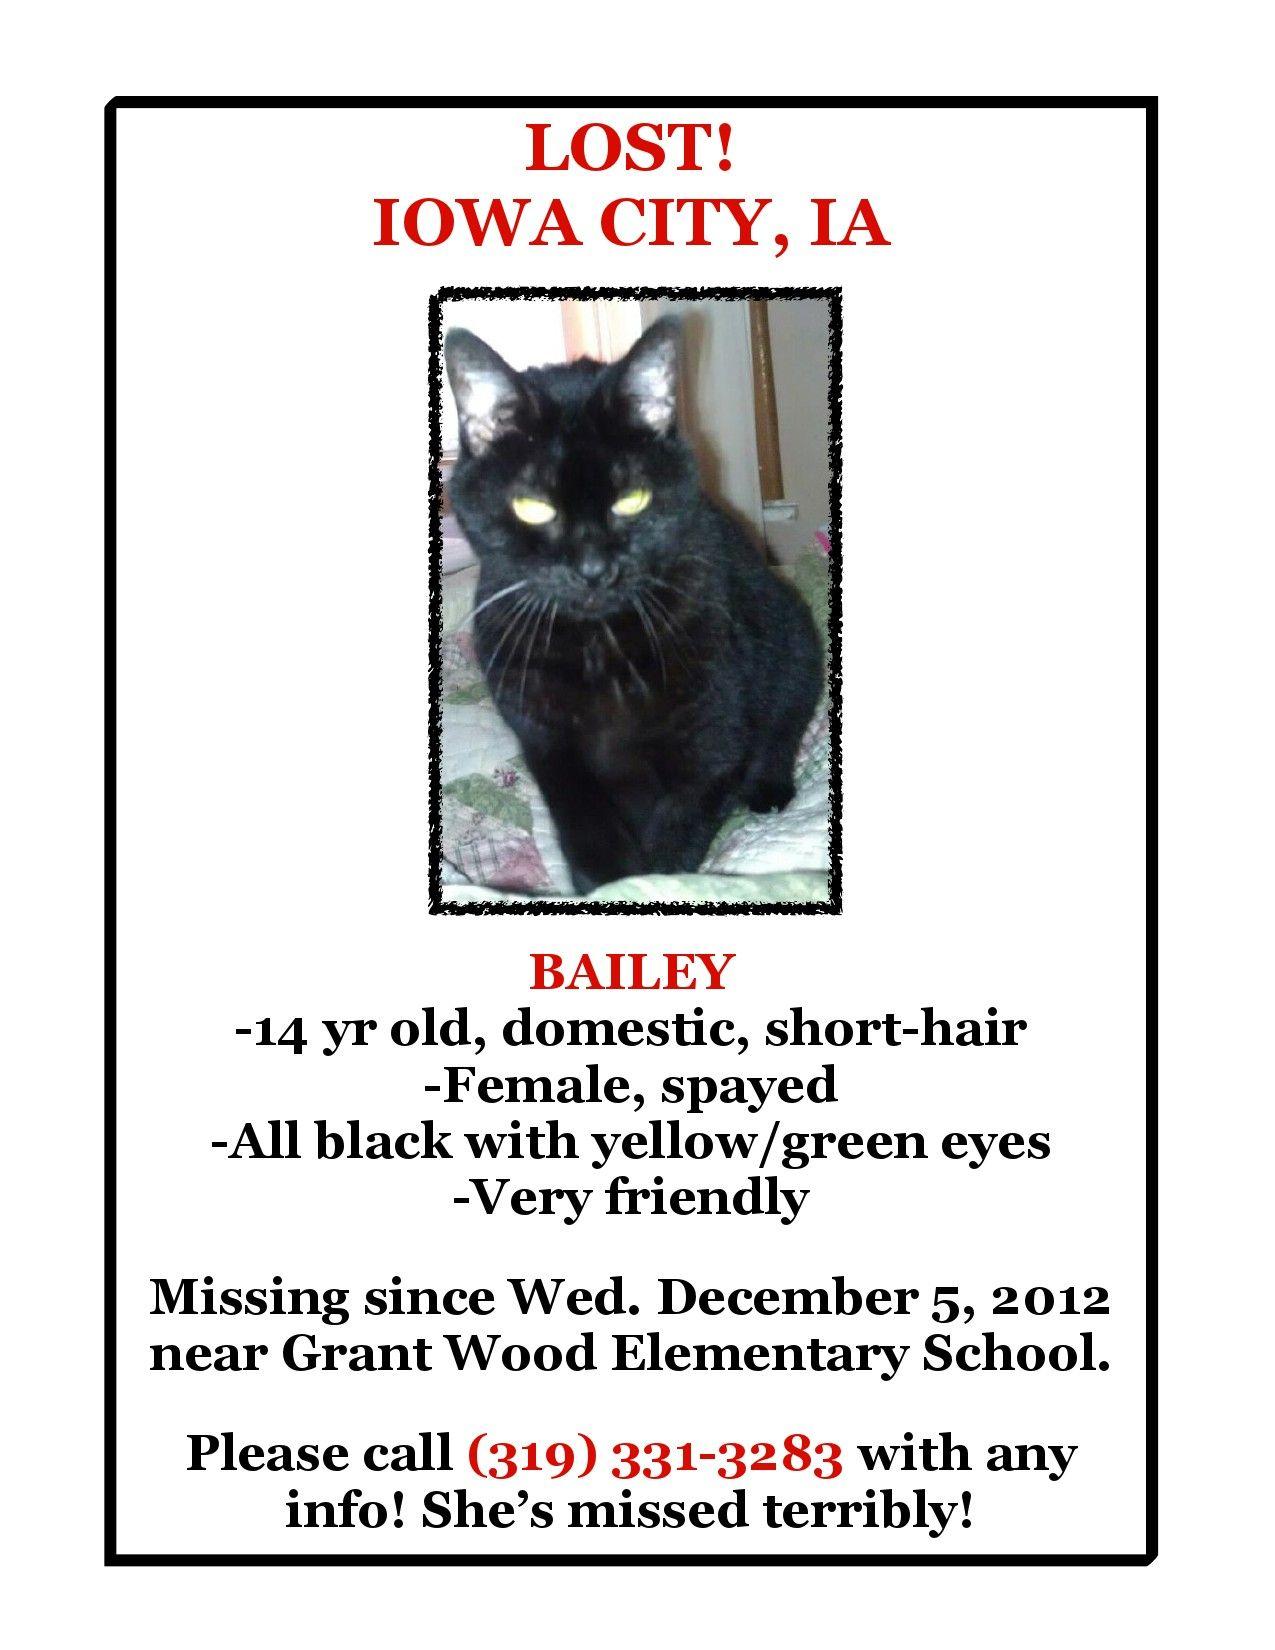 Lost cat in IowaCity IA! Bailey is an indoor cat, 14